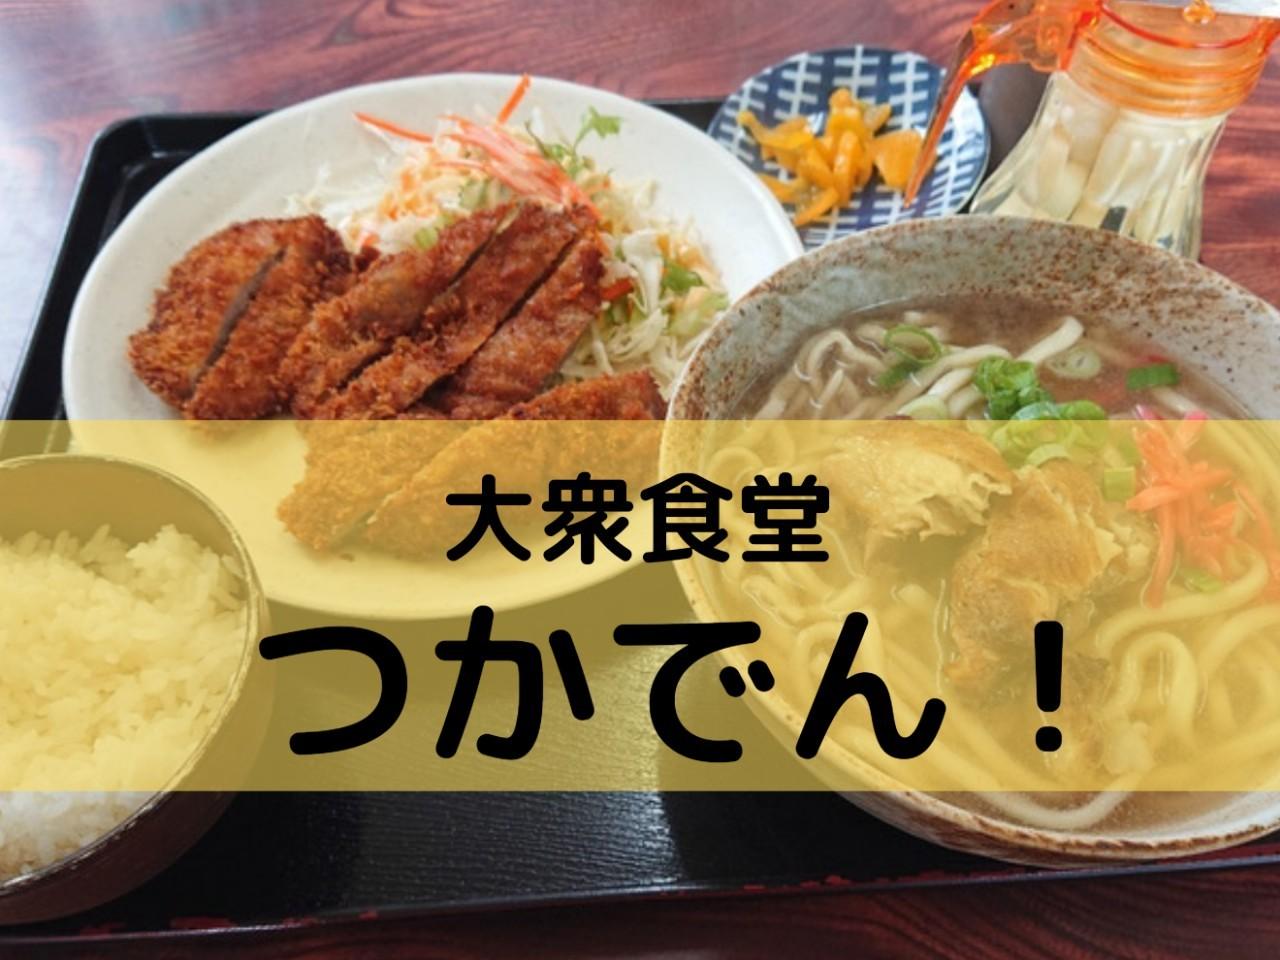 大衆食堂つかでん!沖縄市松本